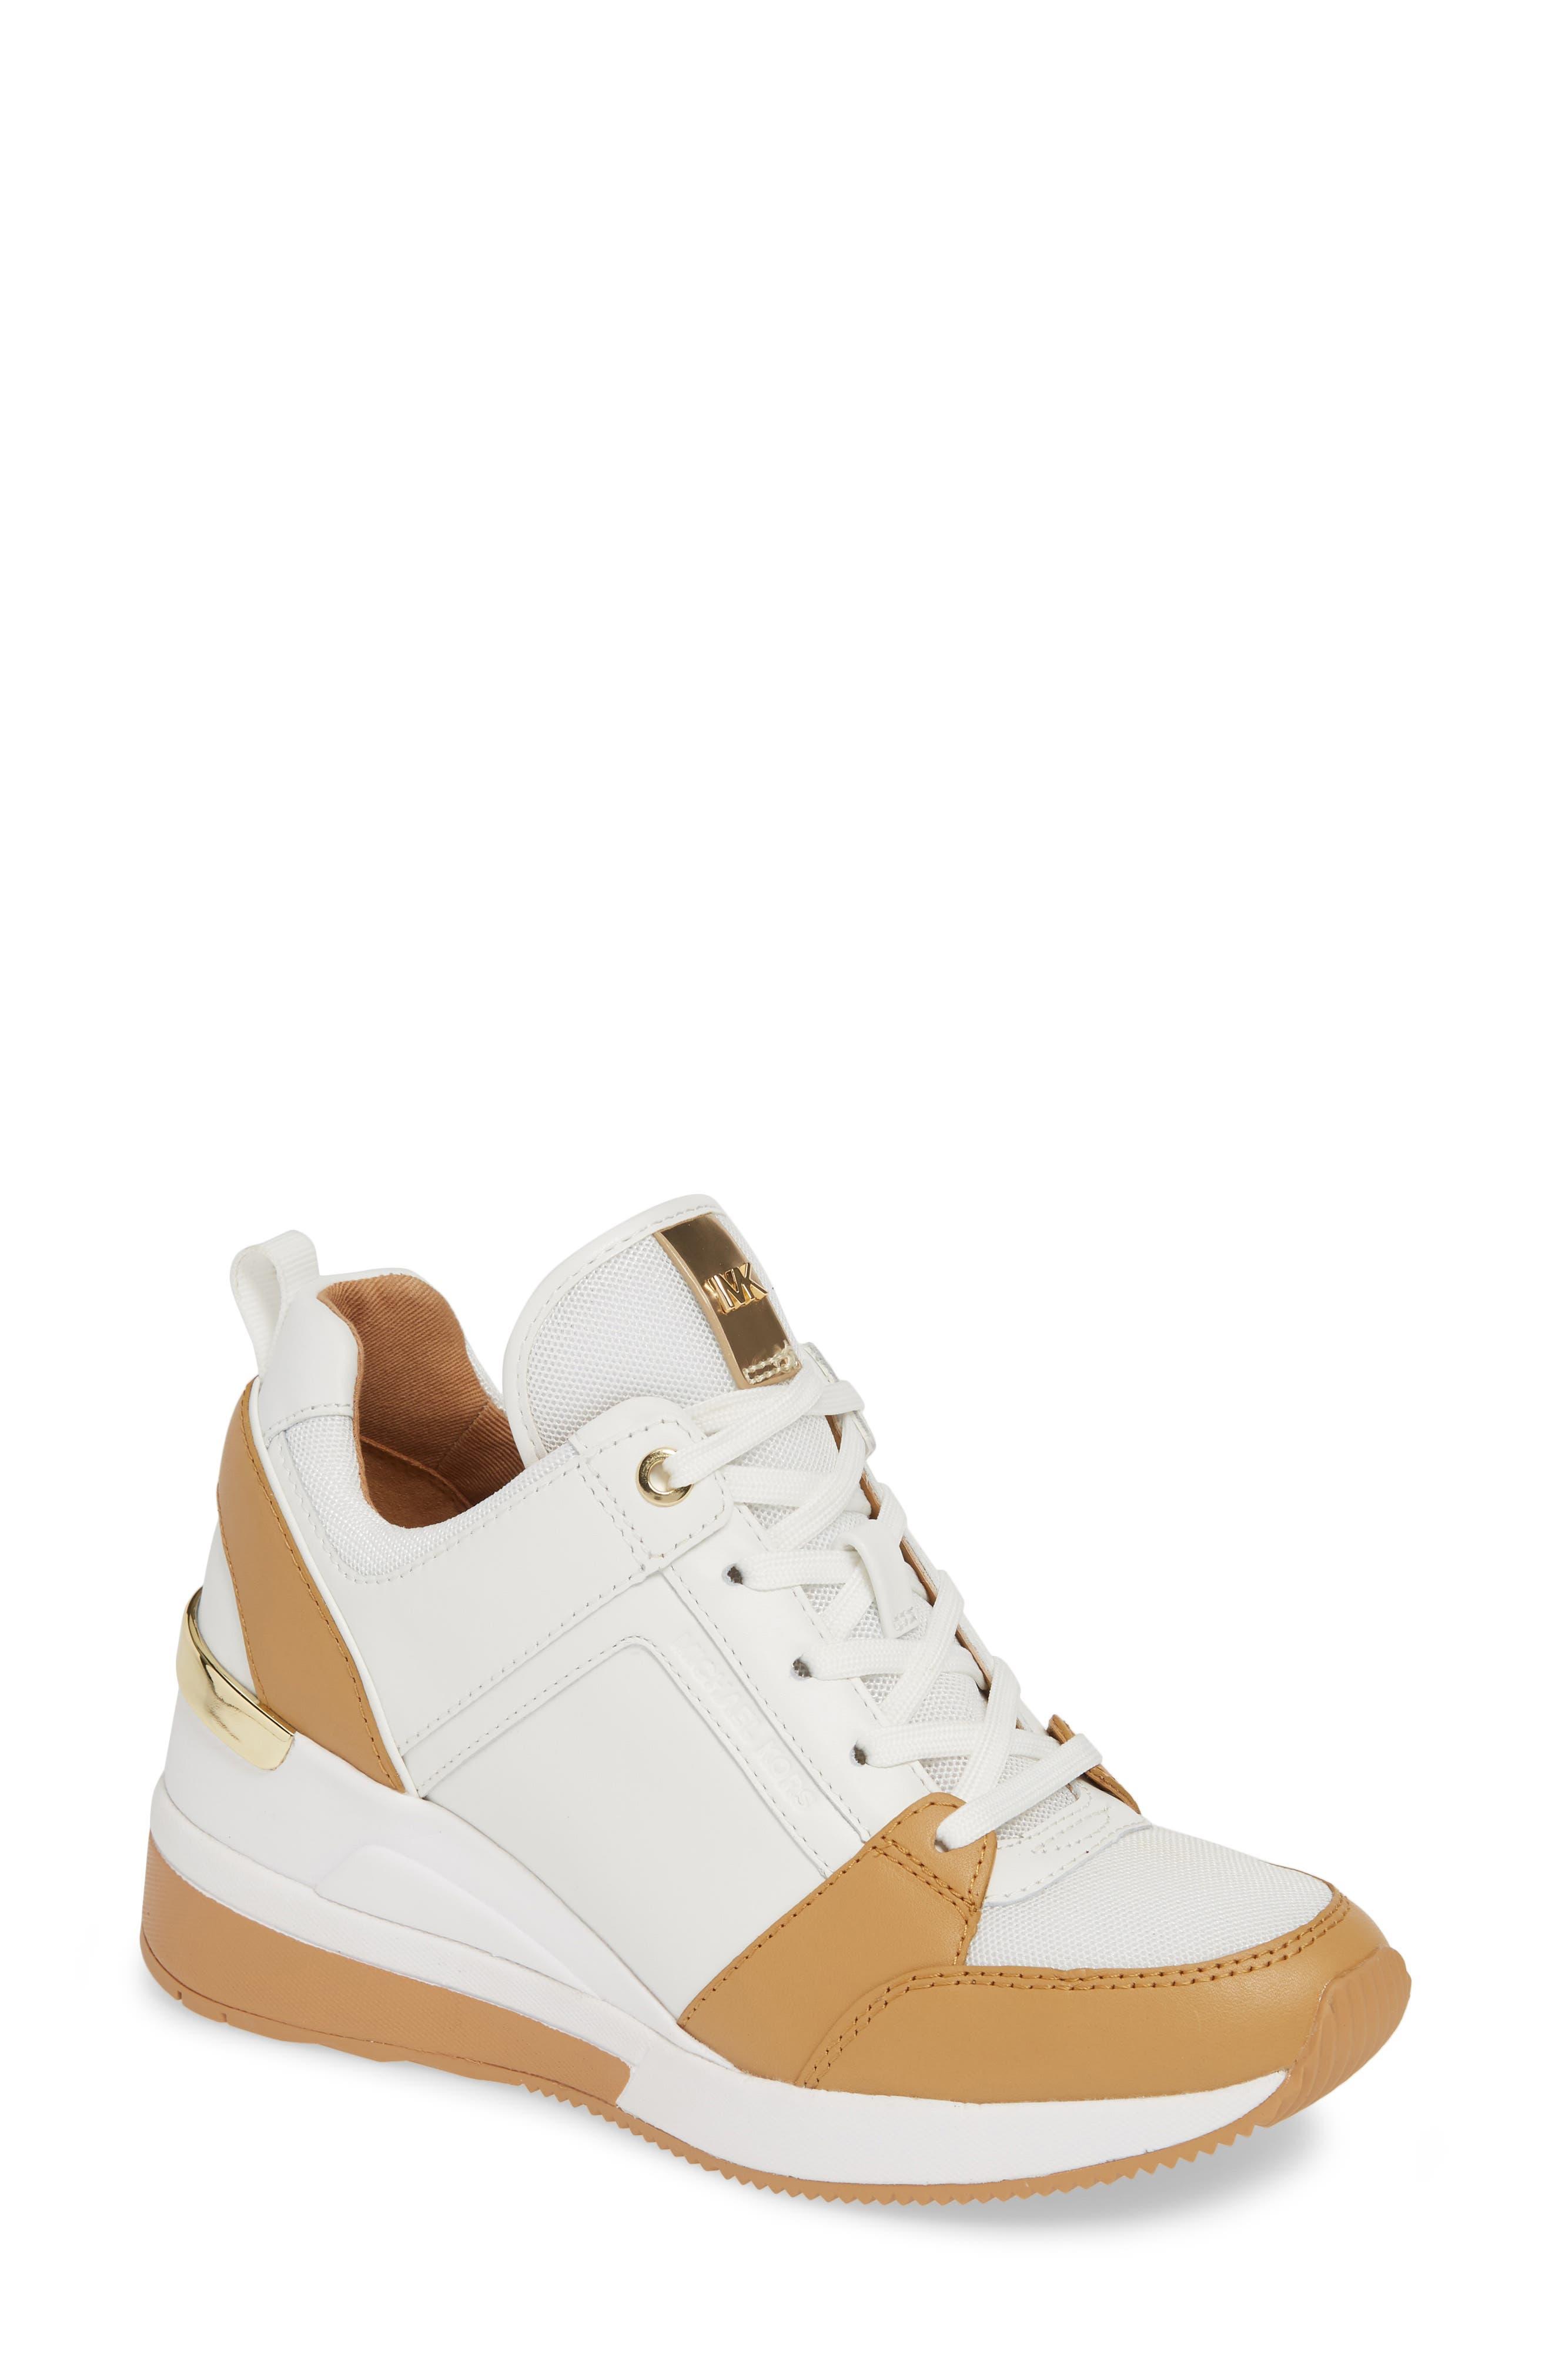 MICHAEL MICHAEL KORS Georgie Wedge Sneaker, Main, color, OPTIC WHITE MULTI